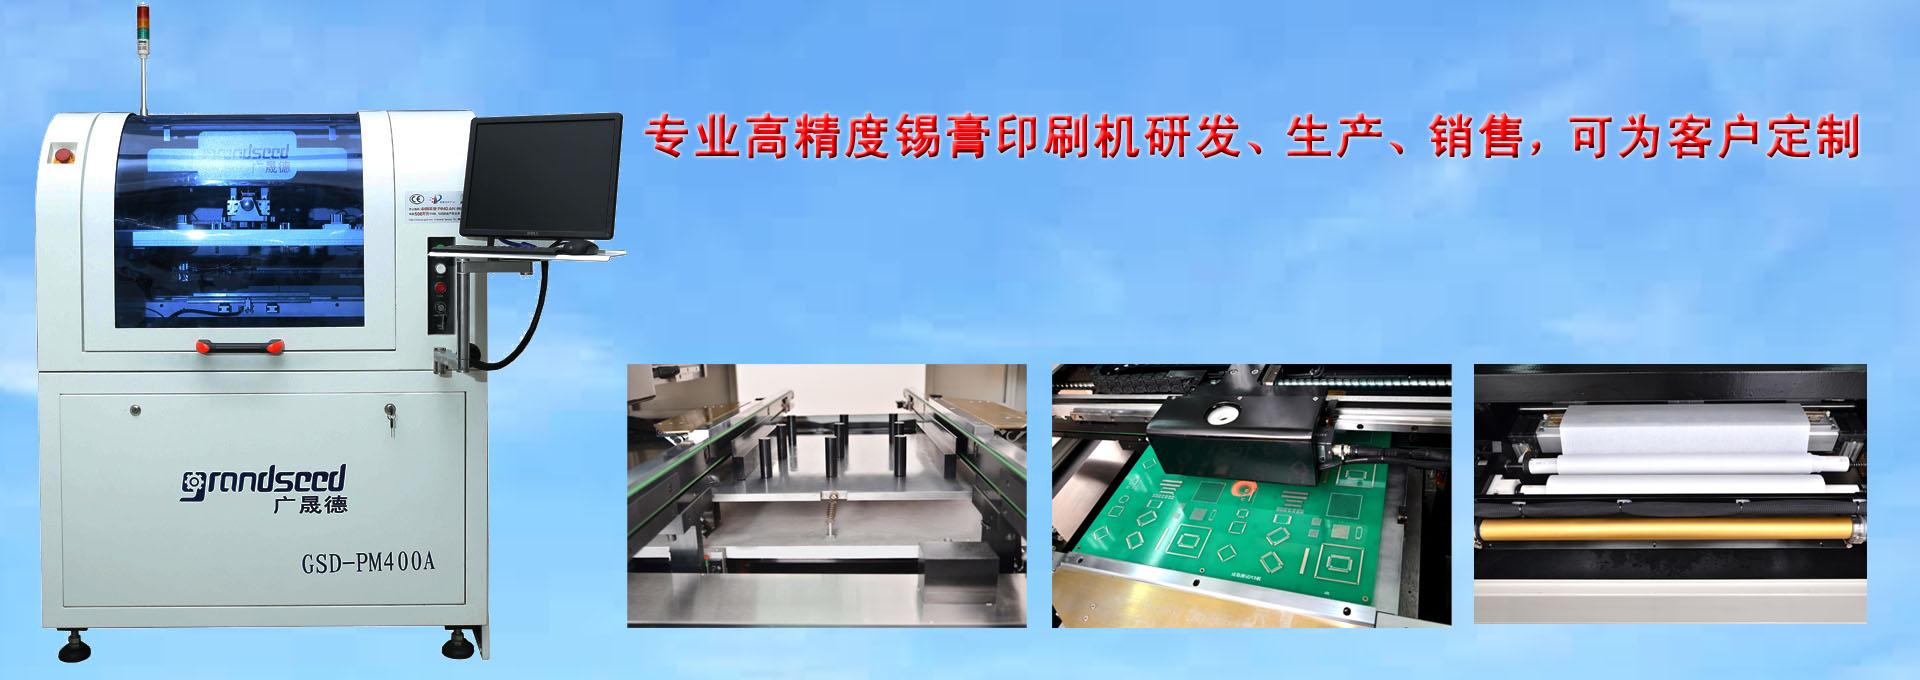 广晟德锡膏印刷机优势